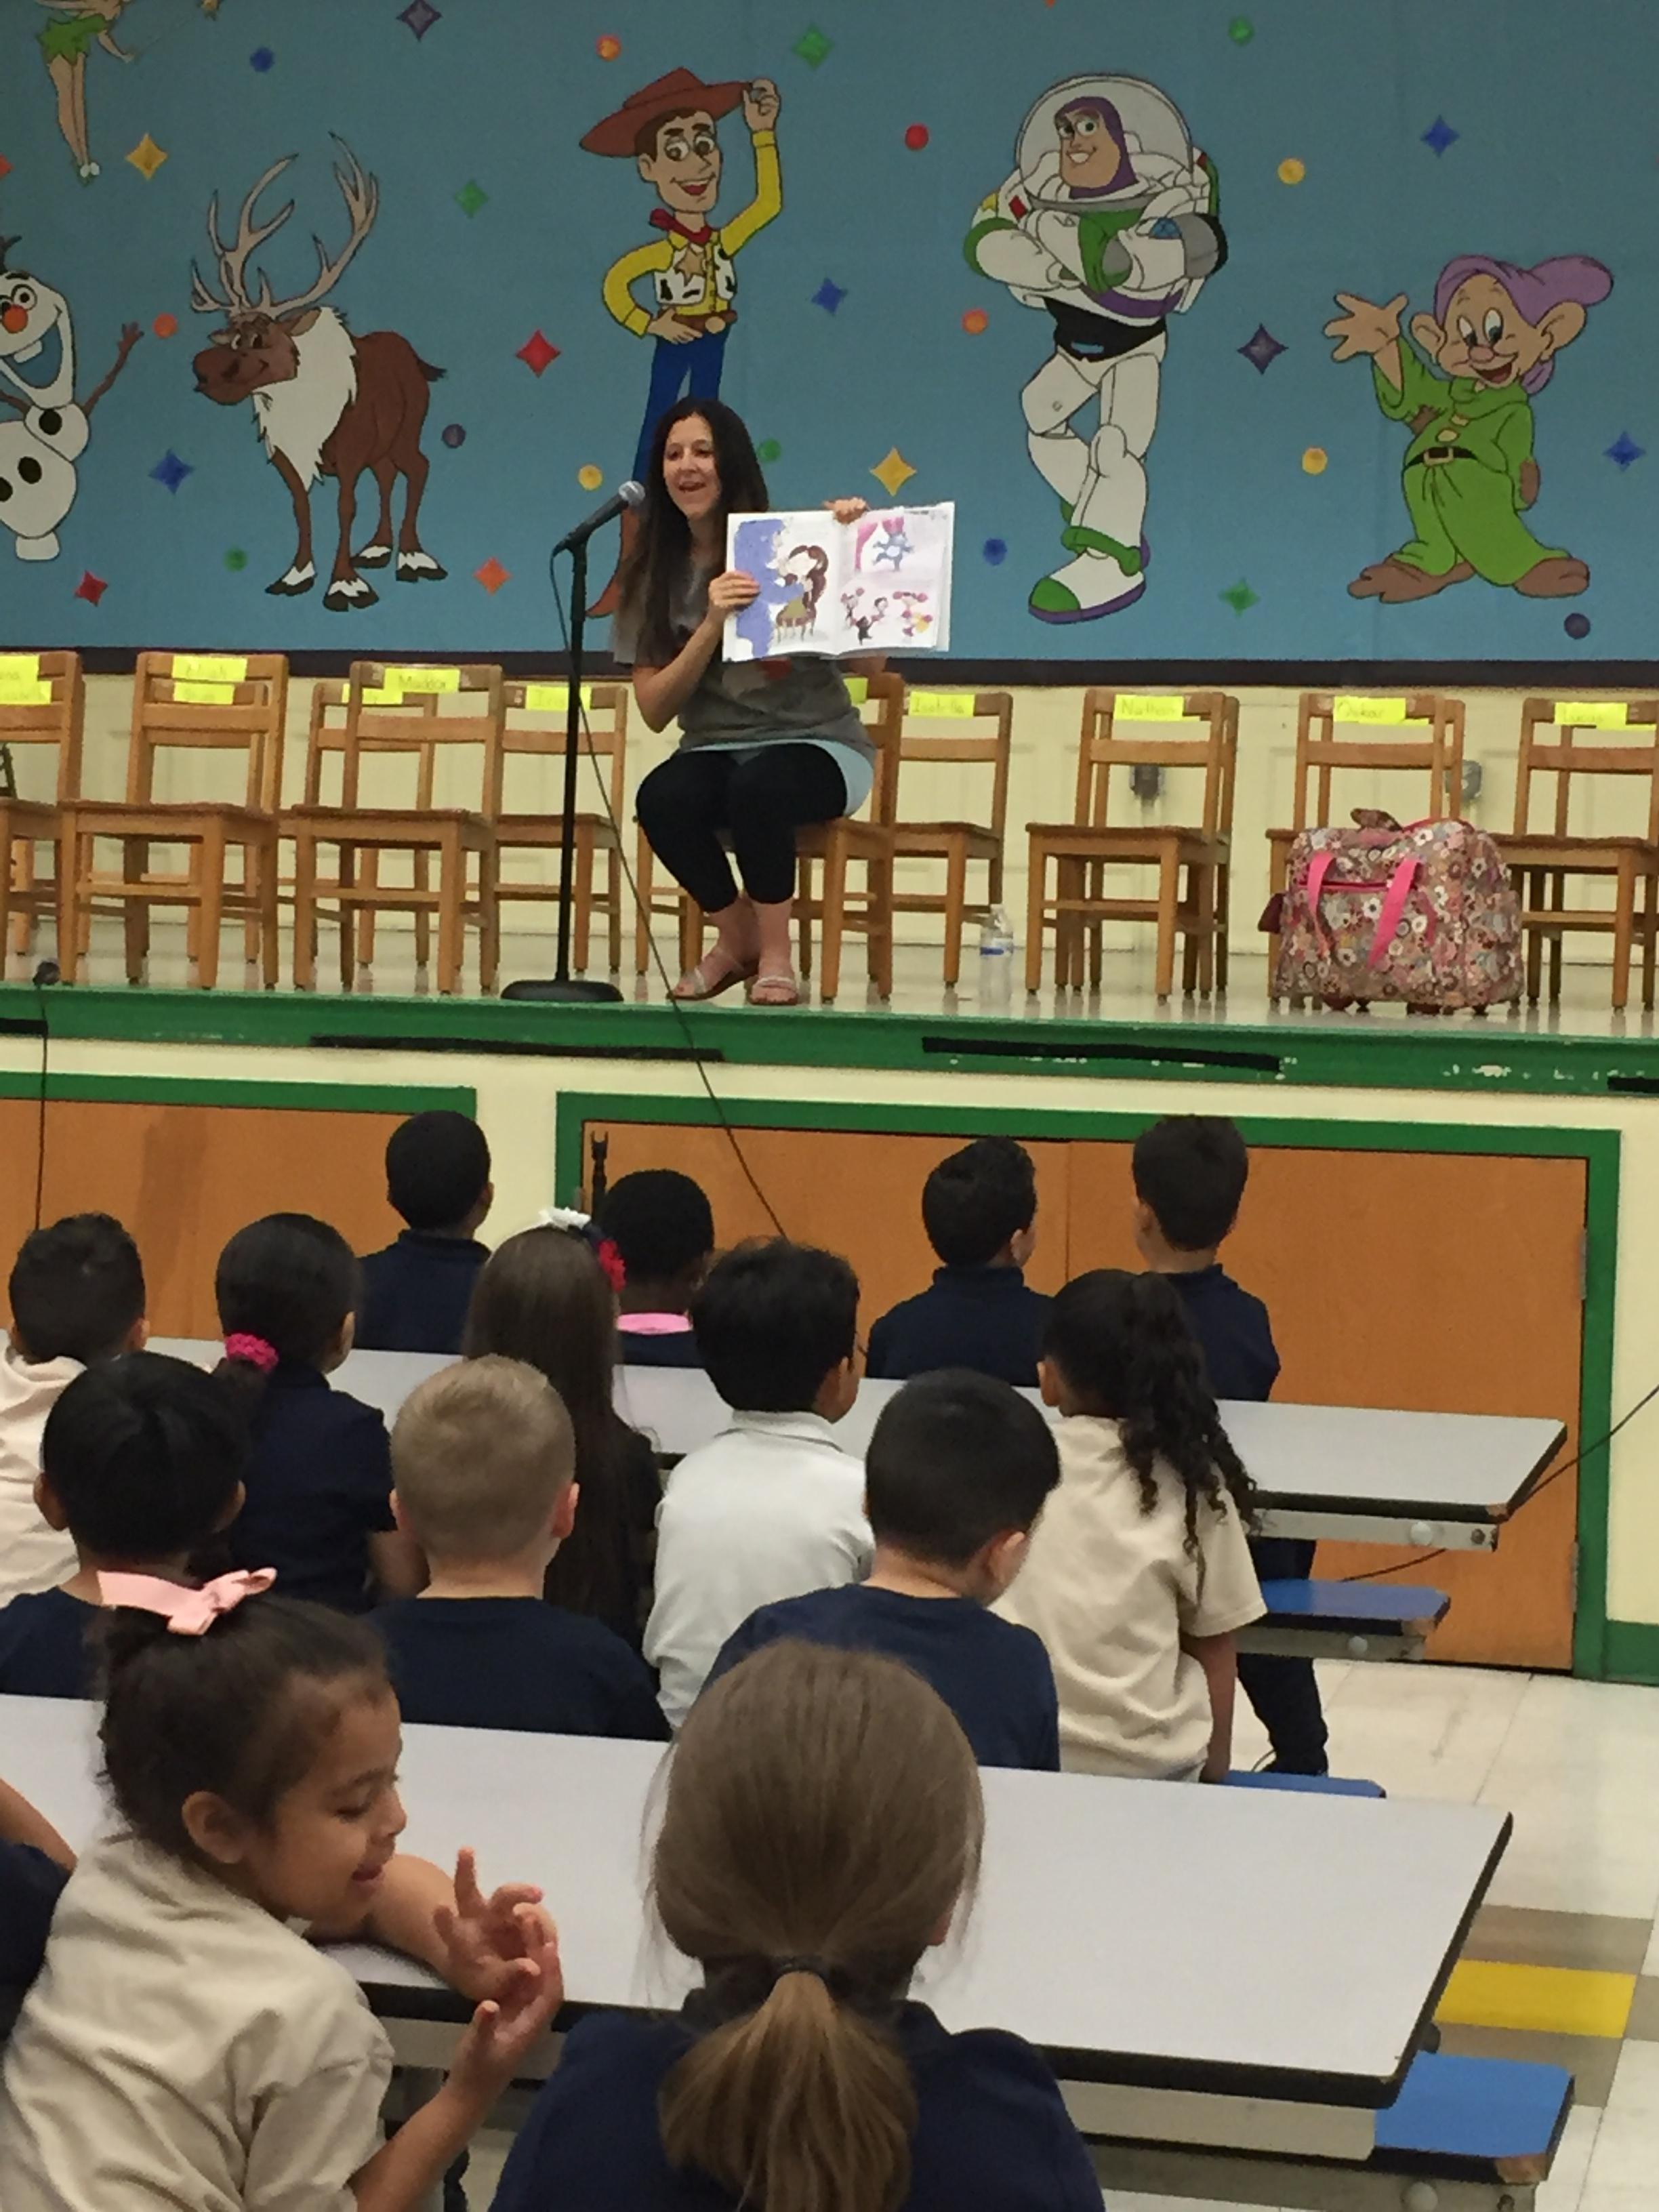 Gorilla school visit Vroom Bayonne NJIMG_6820.JPG